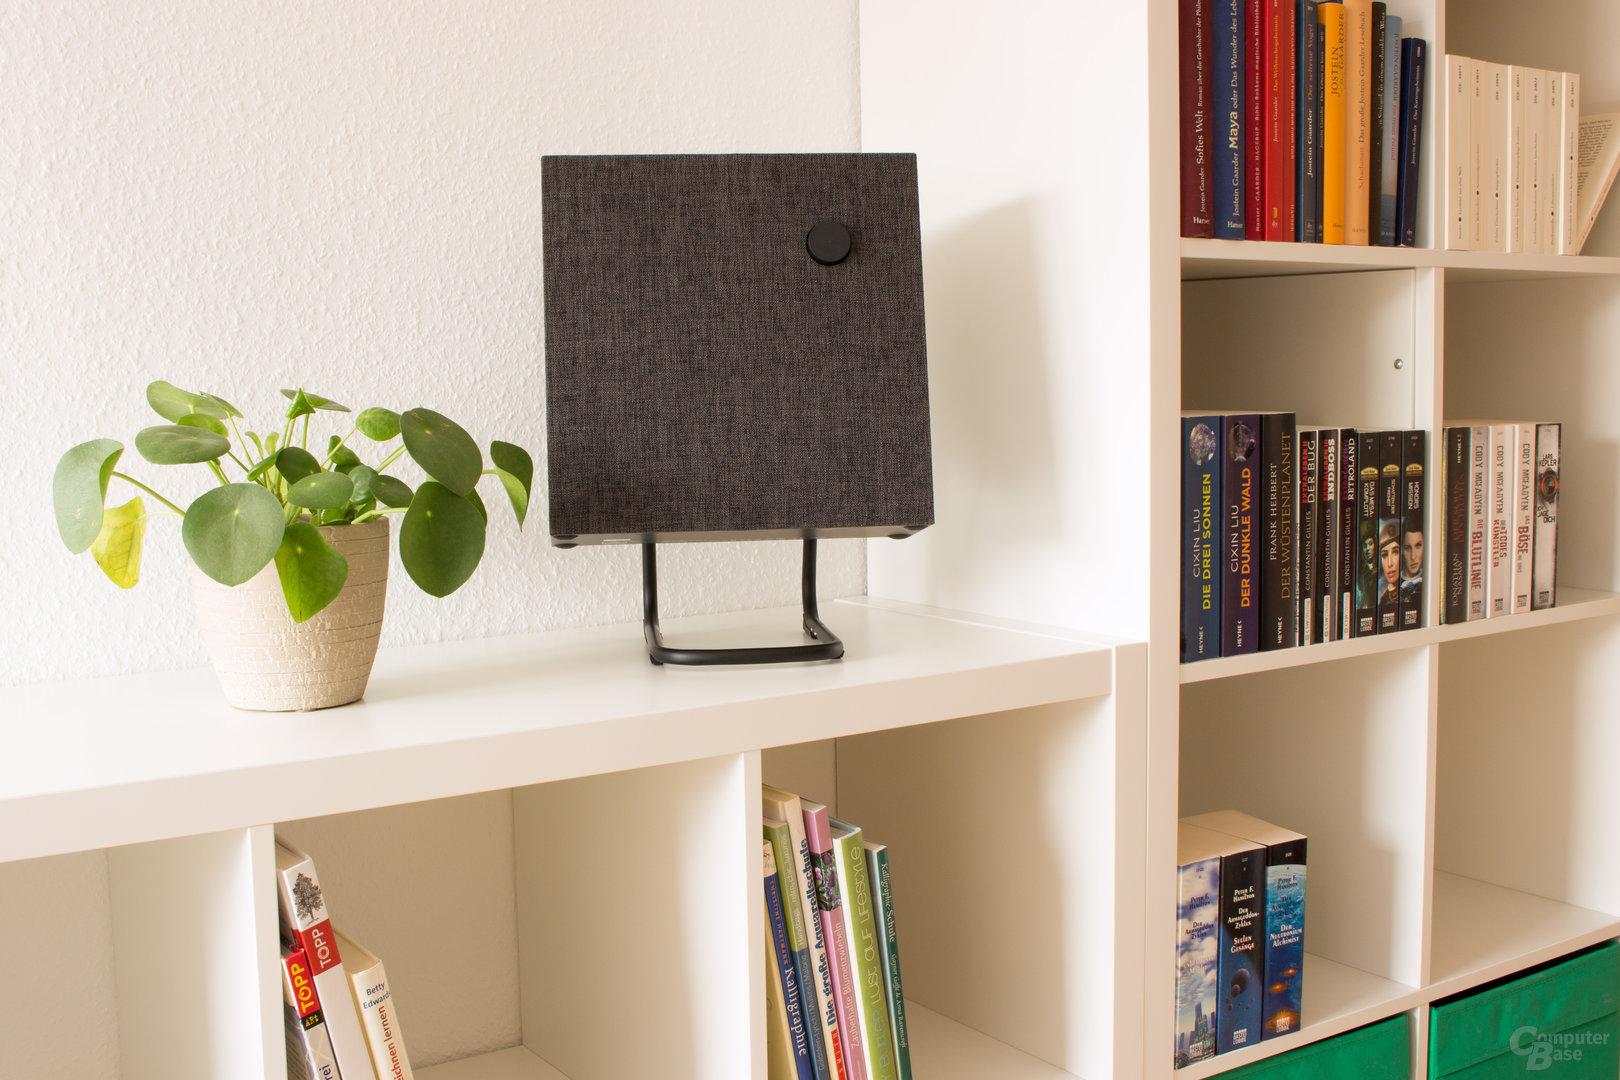 Ikea Eneby 30 auf dem optionalen Lautsprechergestell